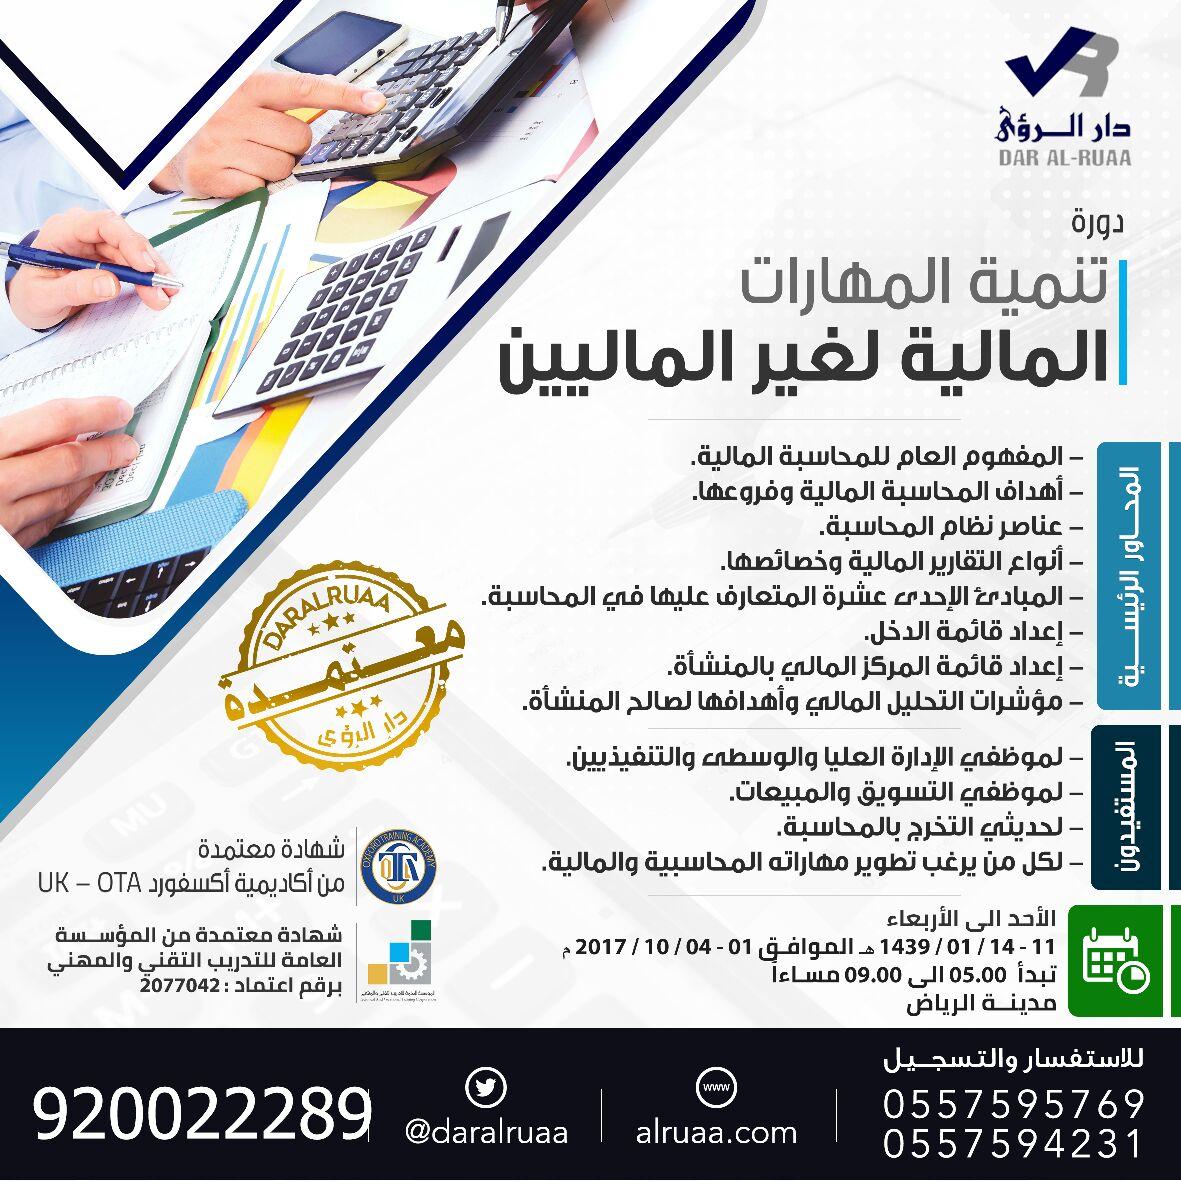 دورة المالية لغير الماليين بالرياض لمدة 4 أيام في 1 أكتوبر للتواصل 0557595769 0557594231 تدريب دورات الرياض المالية لغير الماليين Map Cro